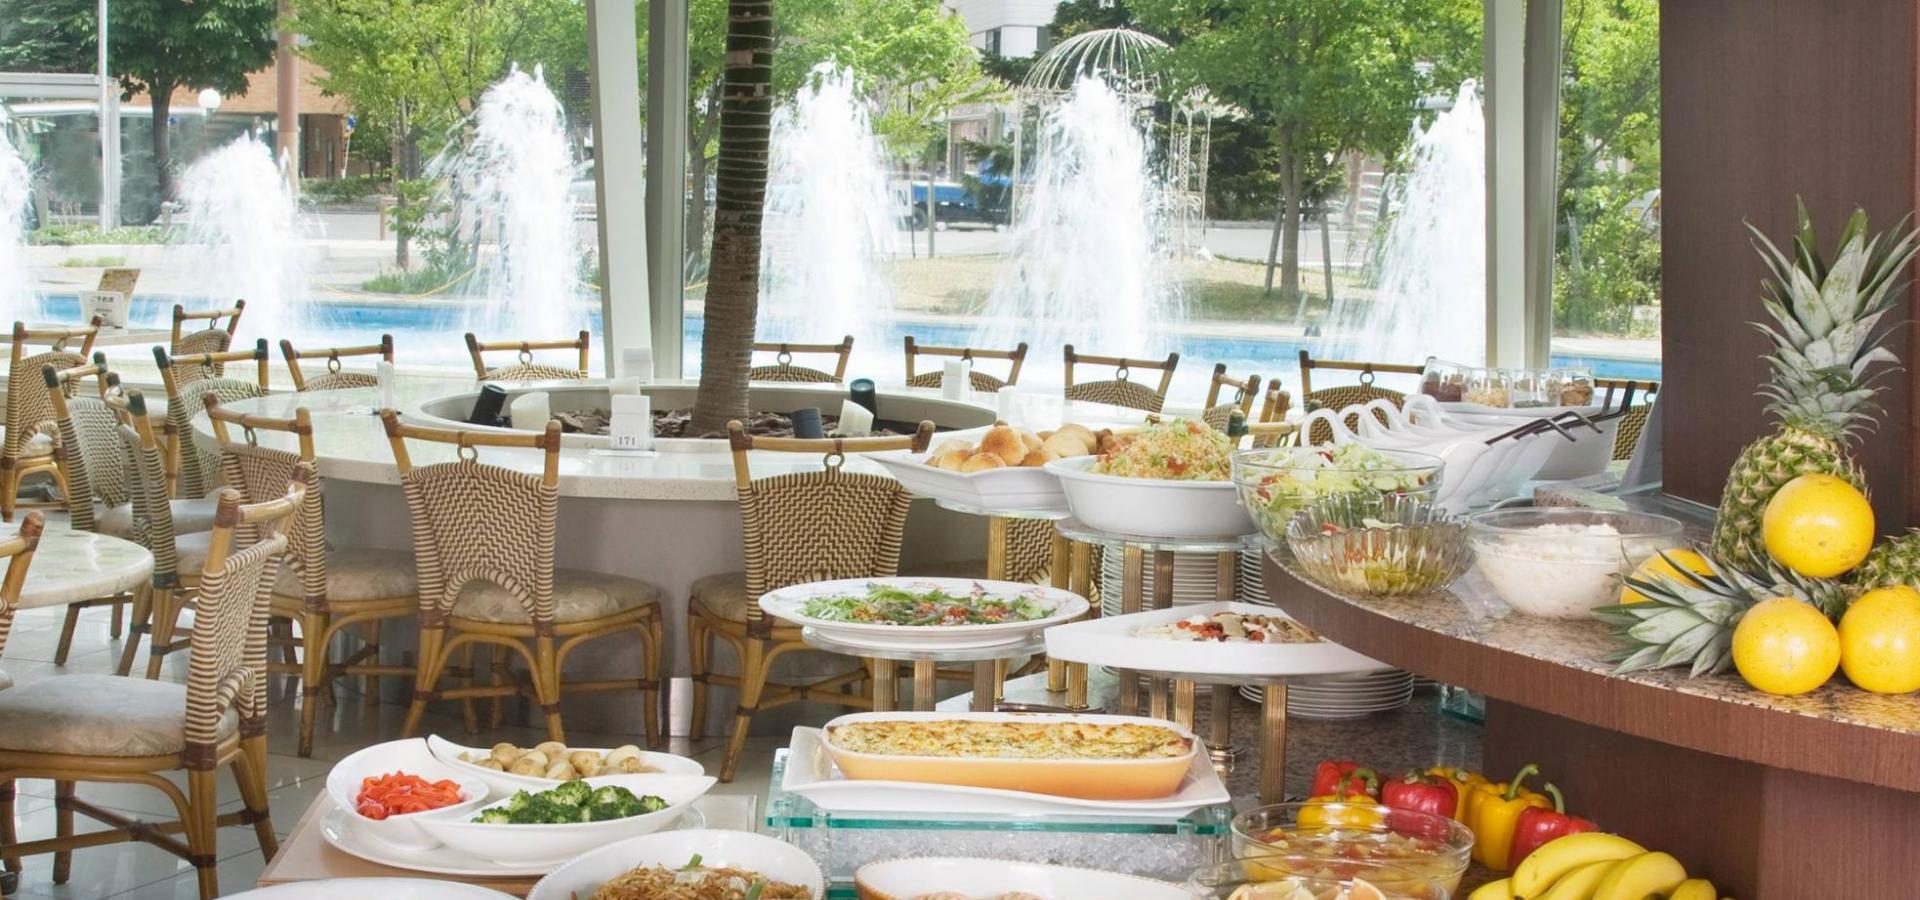 Buffet Restaurant, Hapuna